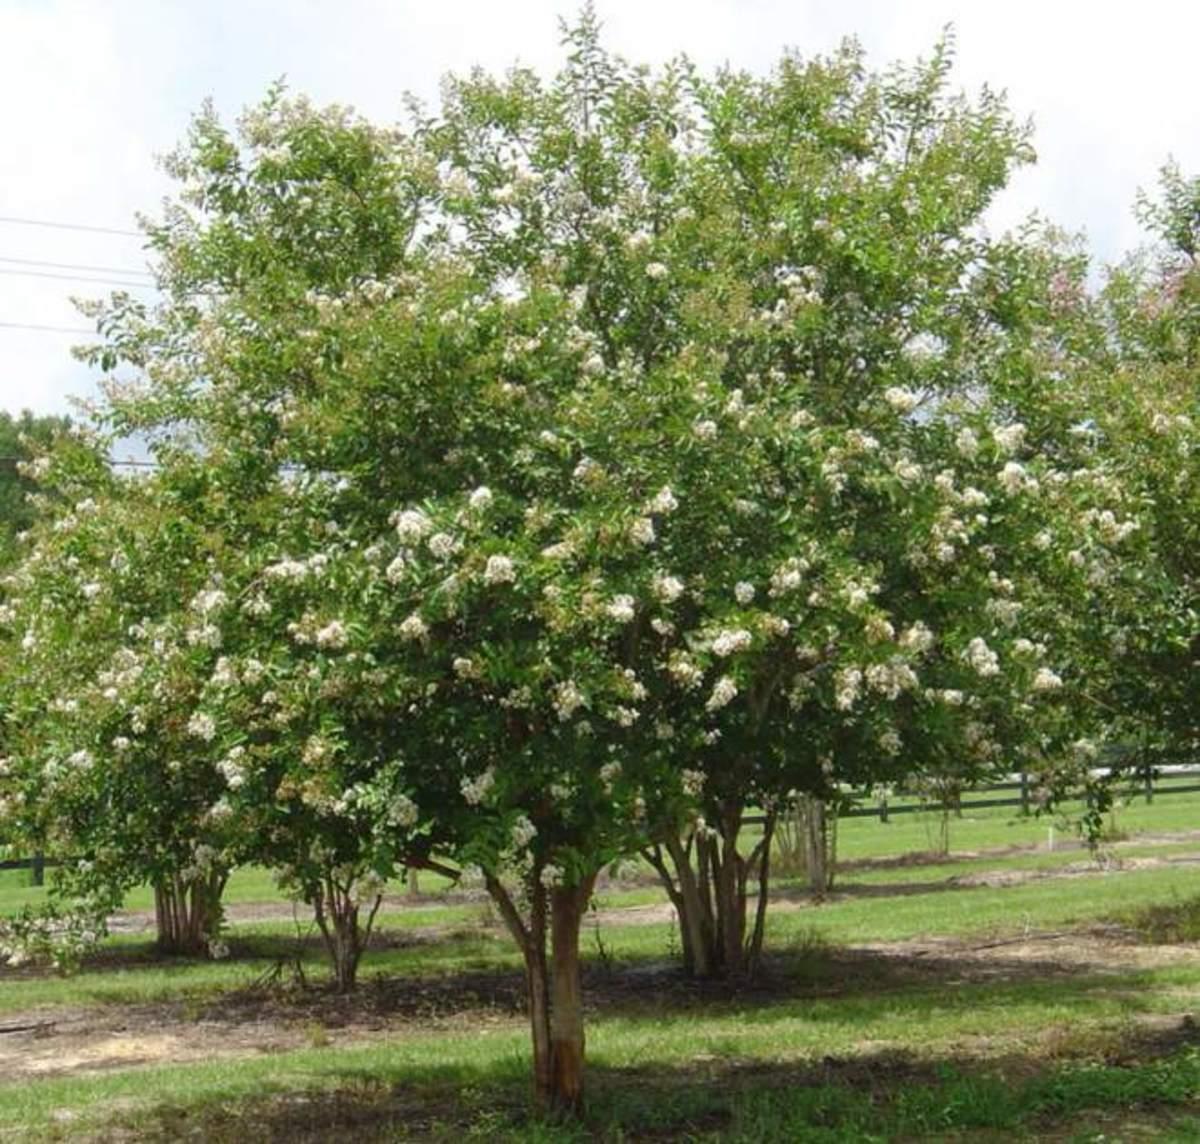 White Crape (Crepe) Myrtle Trees